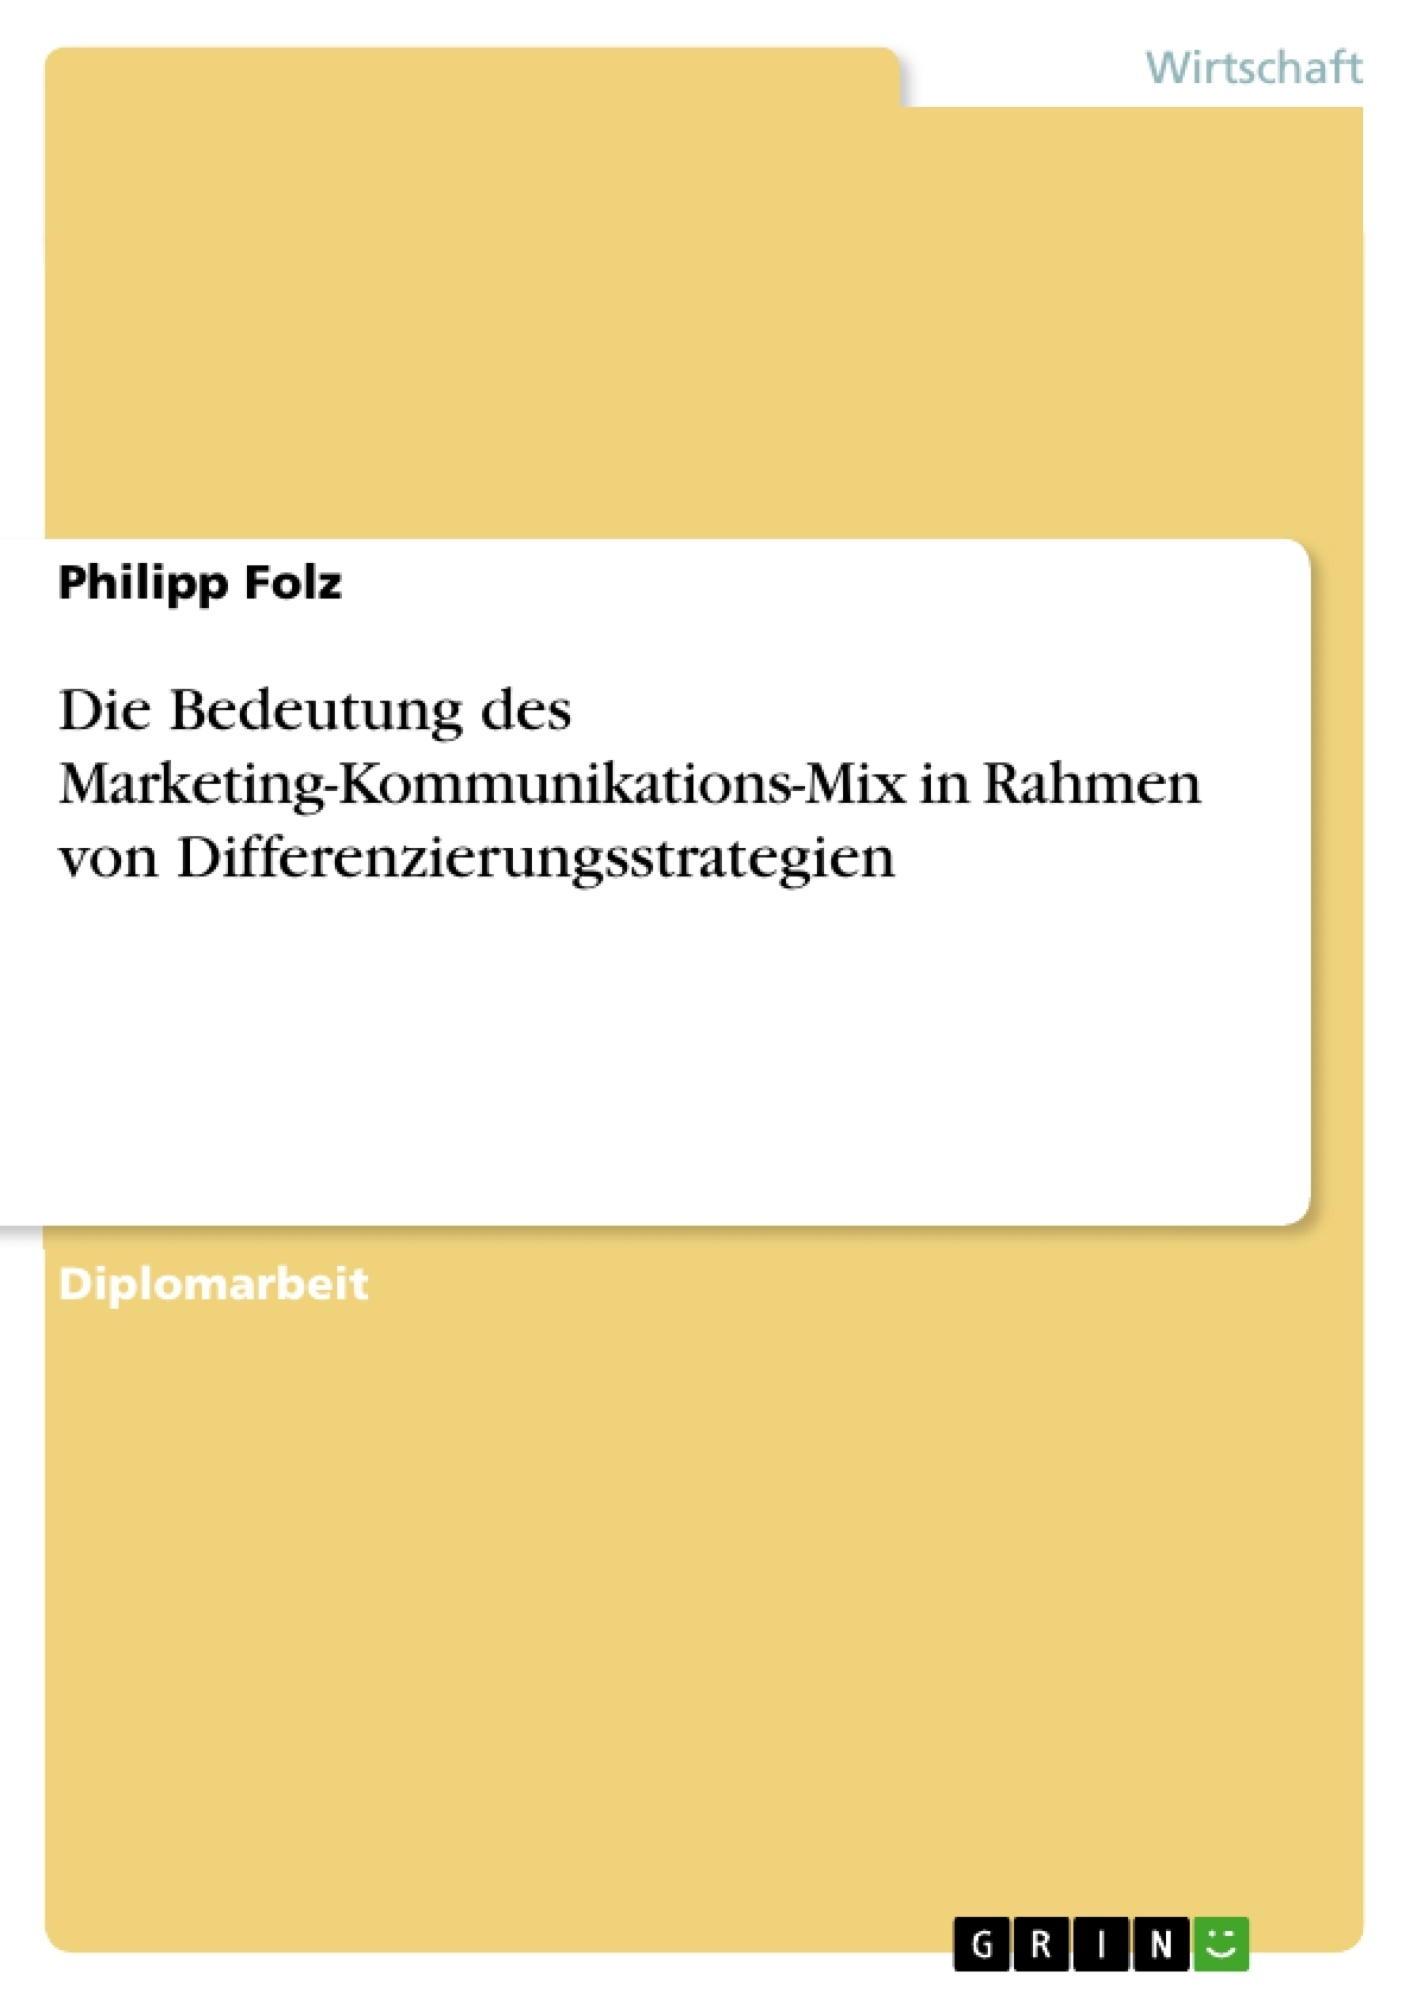 Titel: Die Bedeutung des Marketing-Kommunikations-Mix in Rahmen von Differenzierungsstrategien